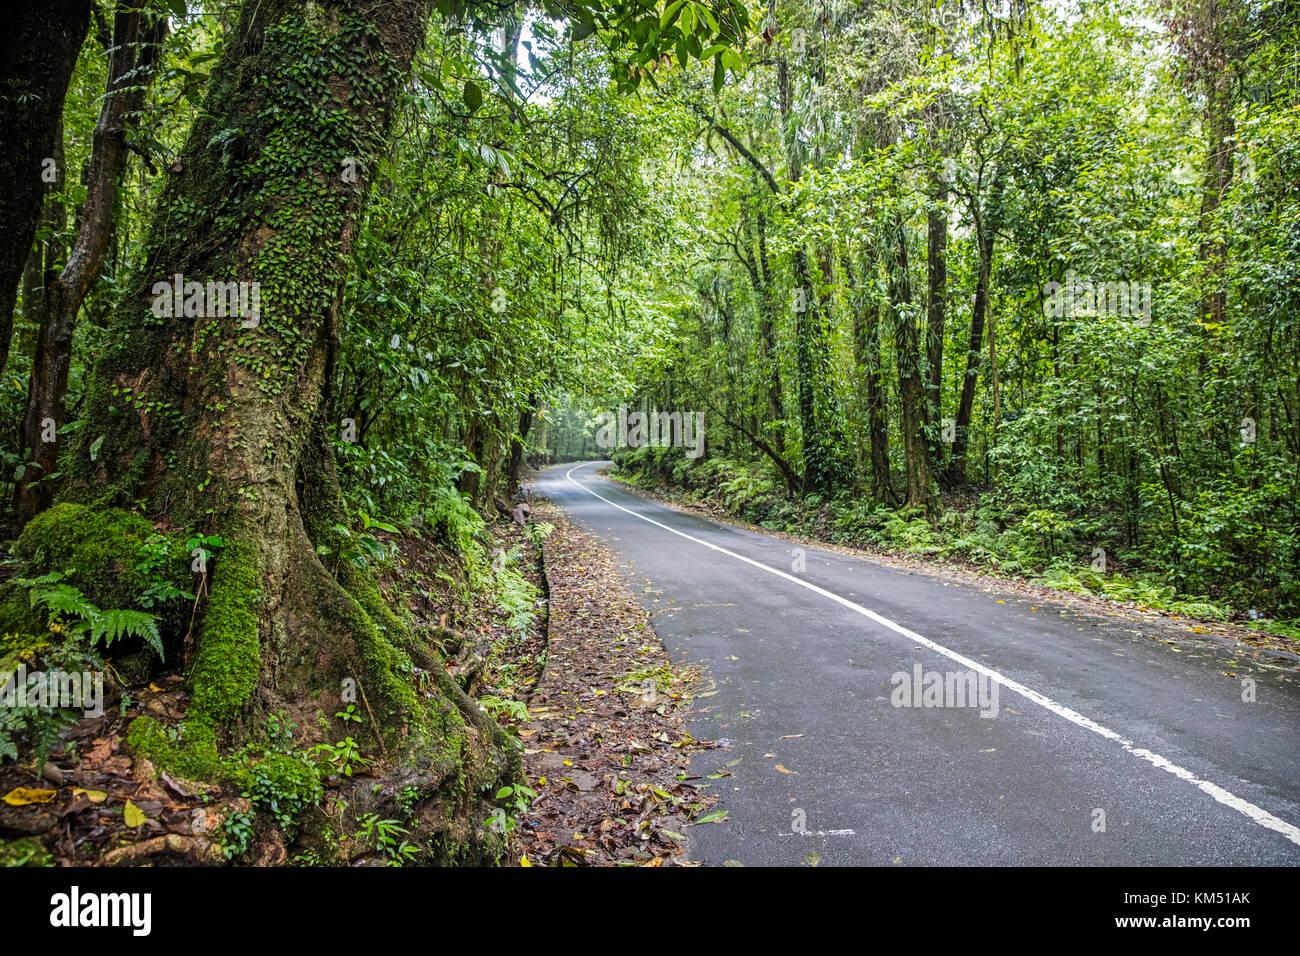 Tortuosa strada attraverso la foresta pluviale tropicale sulle pendici del monte rinjani, vulcano attivo sull'Isola Foto Stock